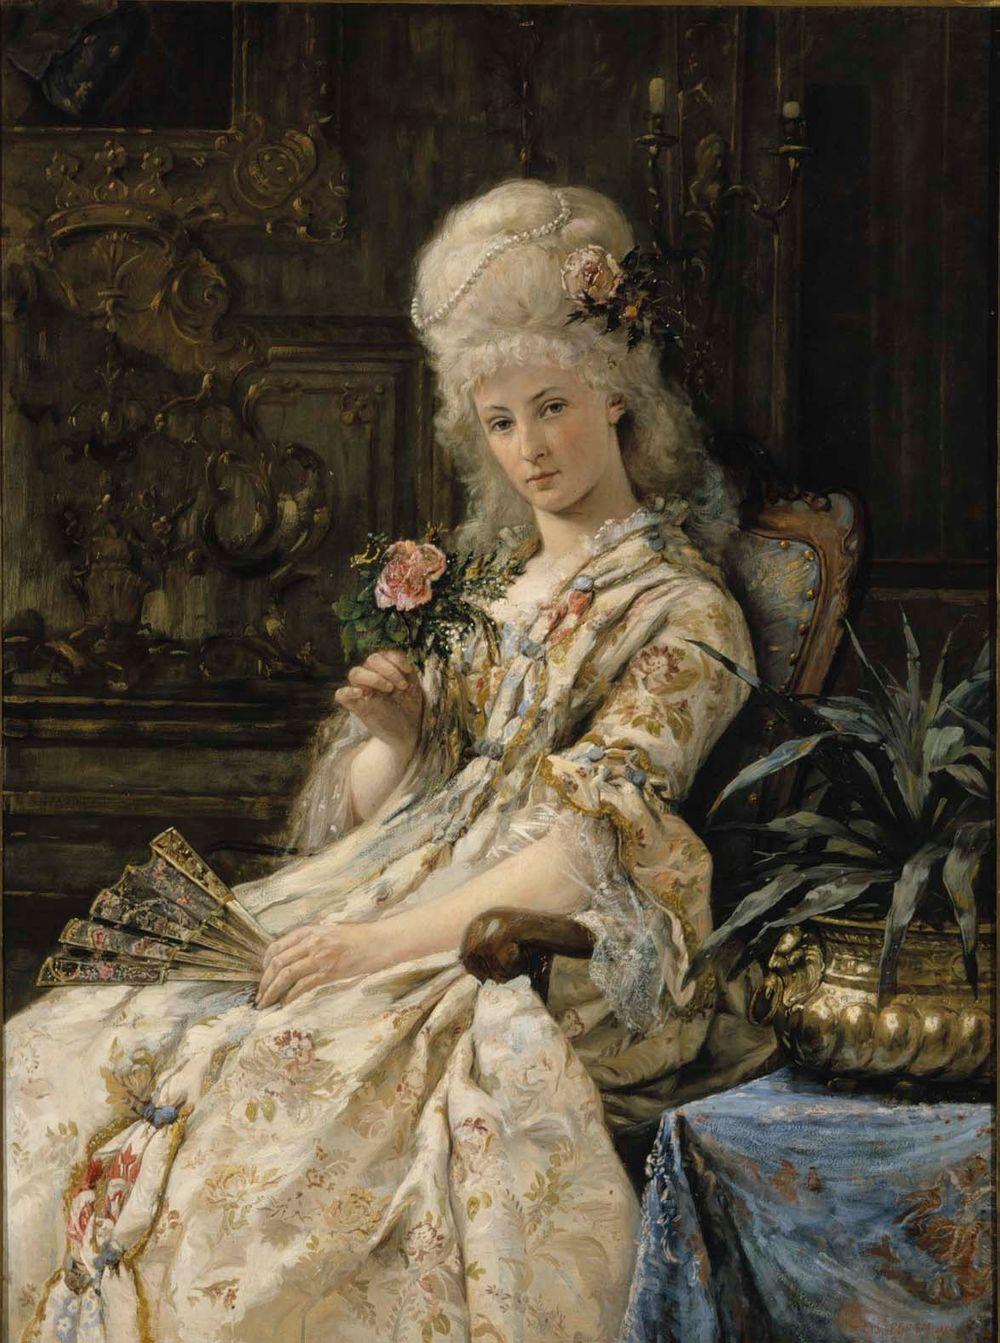 Nainen 1700-luvun puvussa (Nainen ruusu kädessä)